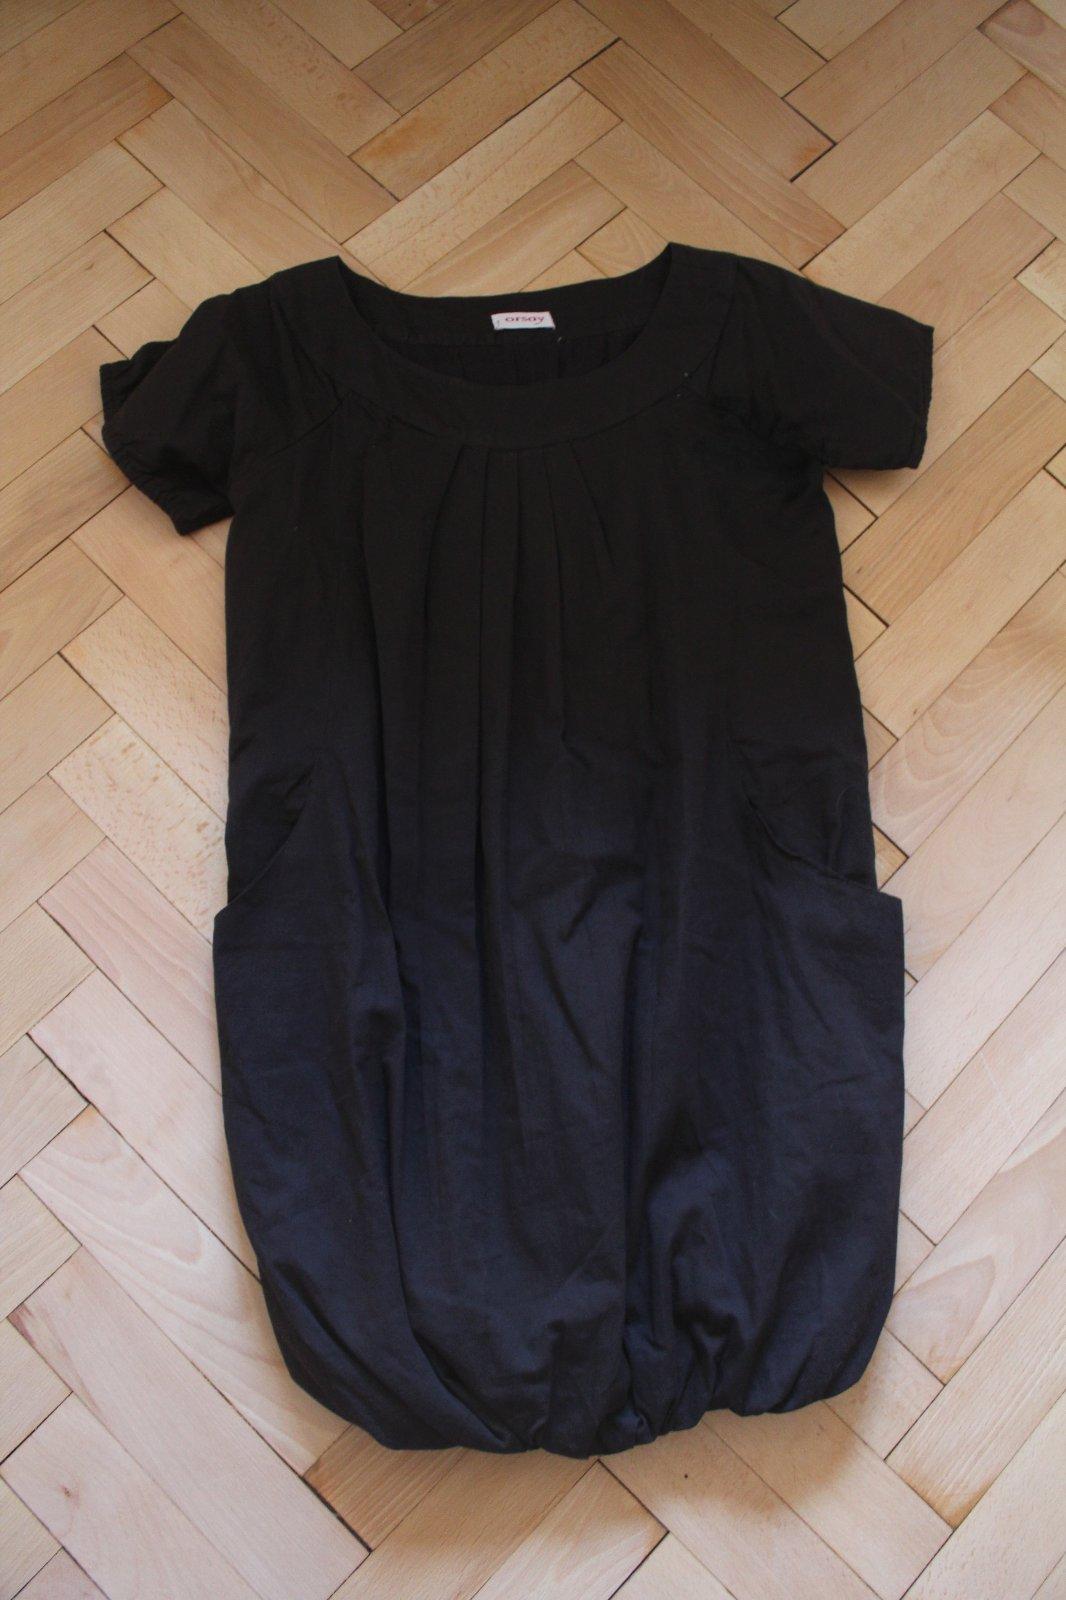 b13887154b09 Černé balonové šaty s kapsami